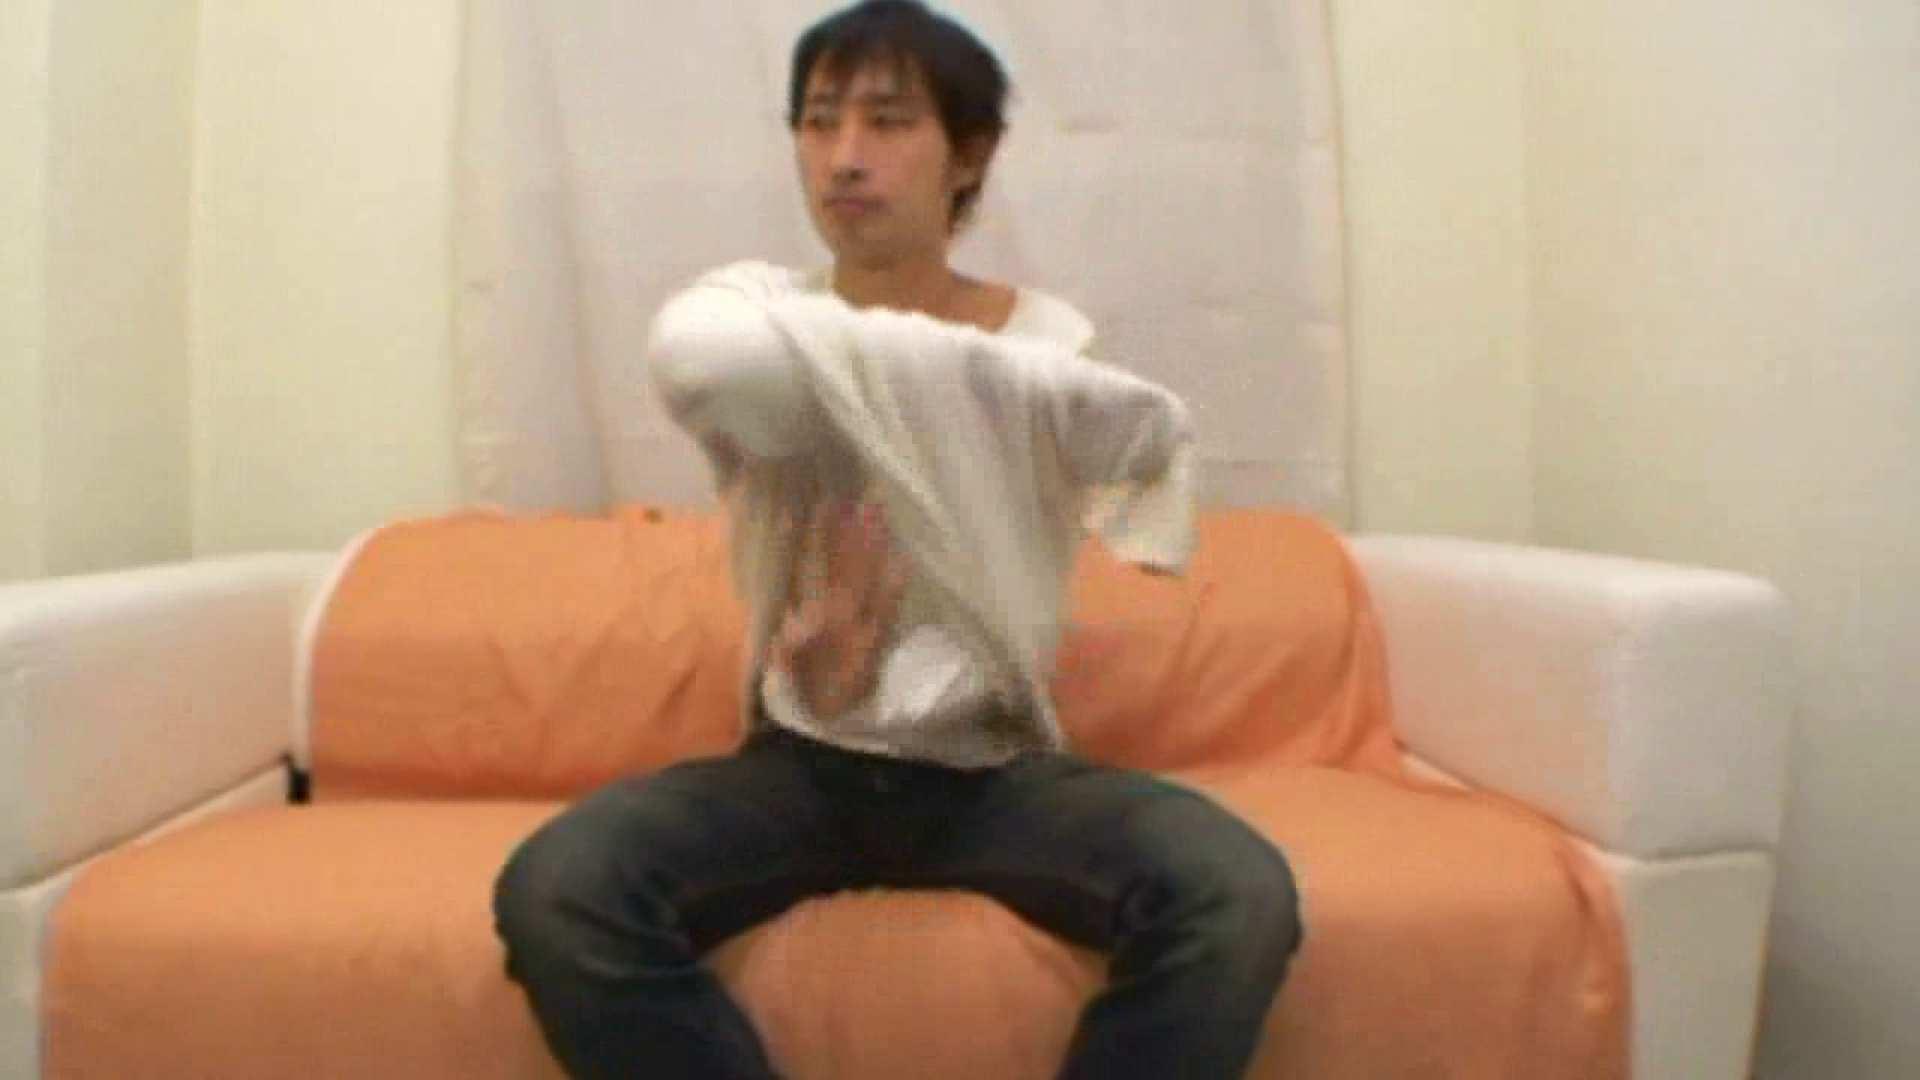 イケメンズエステティック倶楽部Case.02 イケメン ケツマンスケベ画像 99枚 76